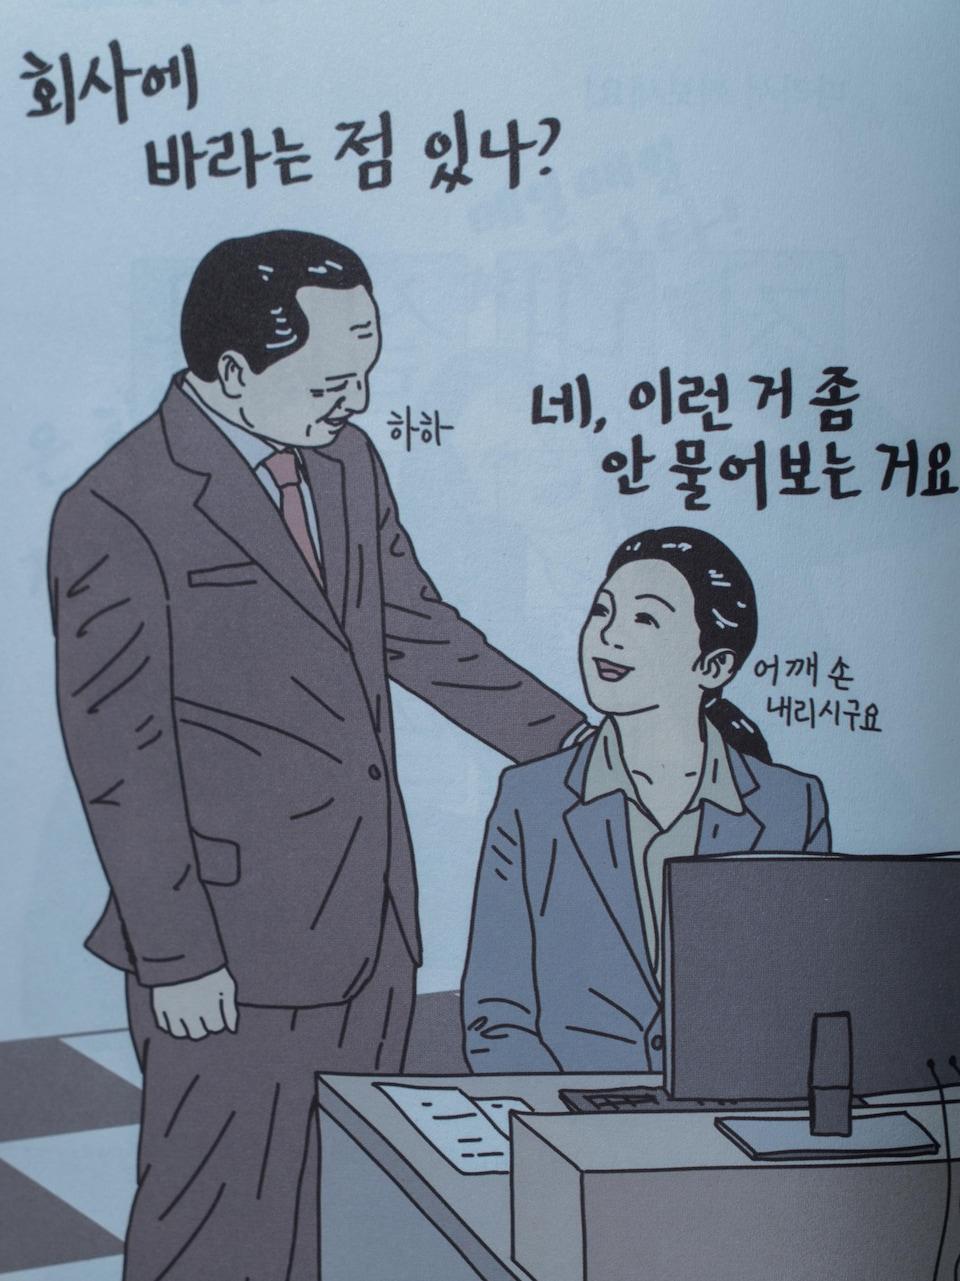 Un homme pose sa main sur l'épaule d'une femme.